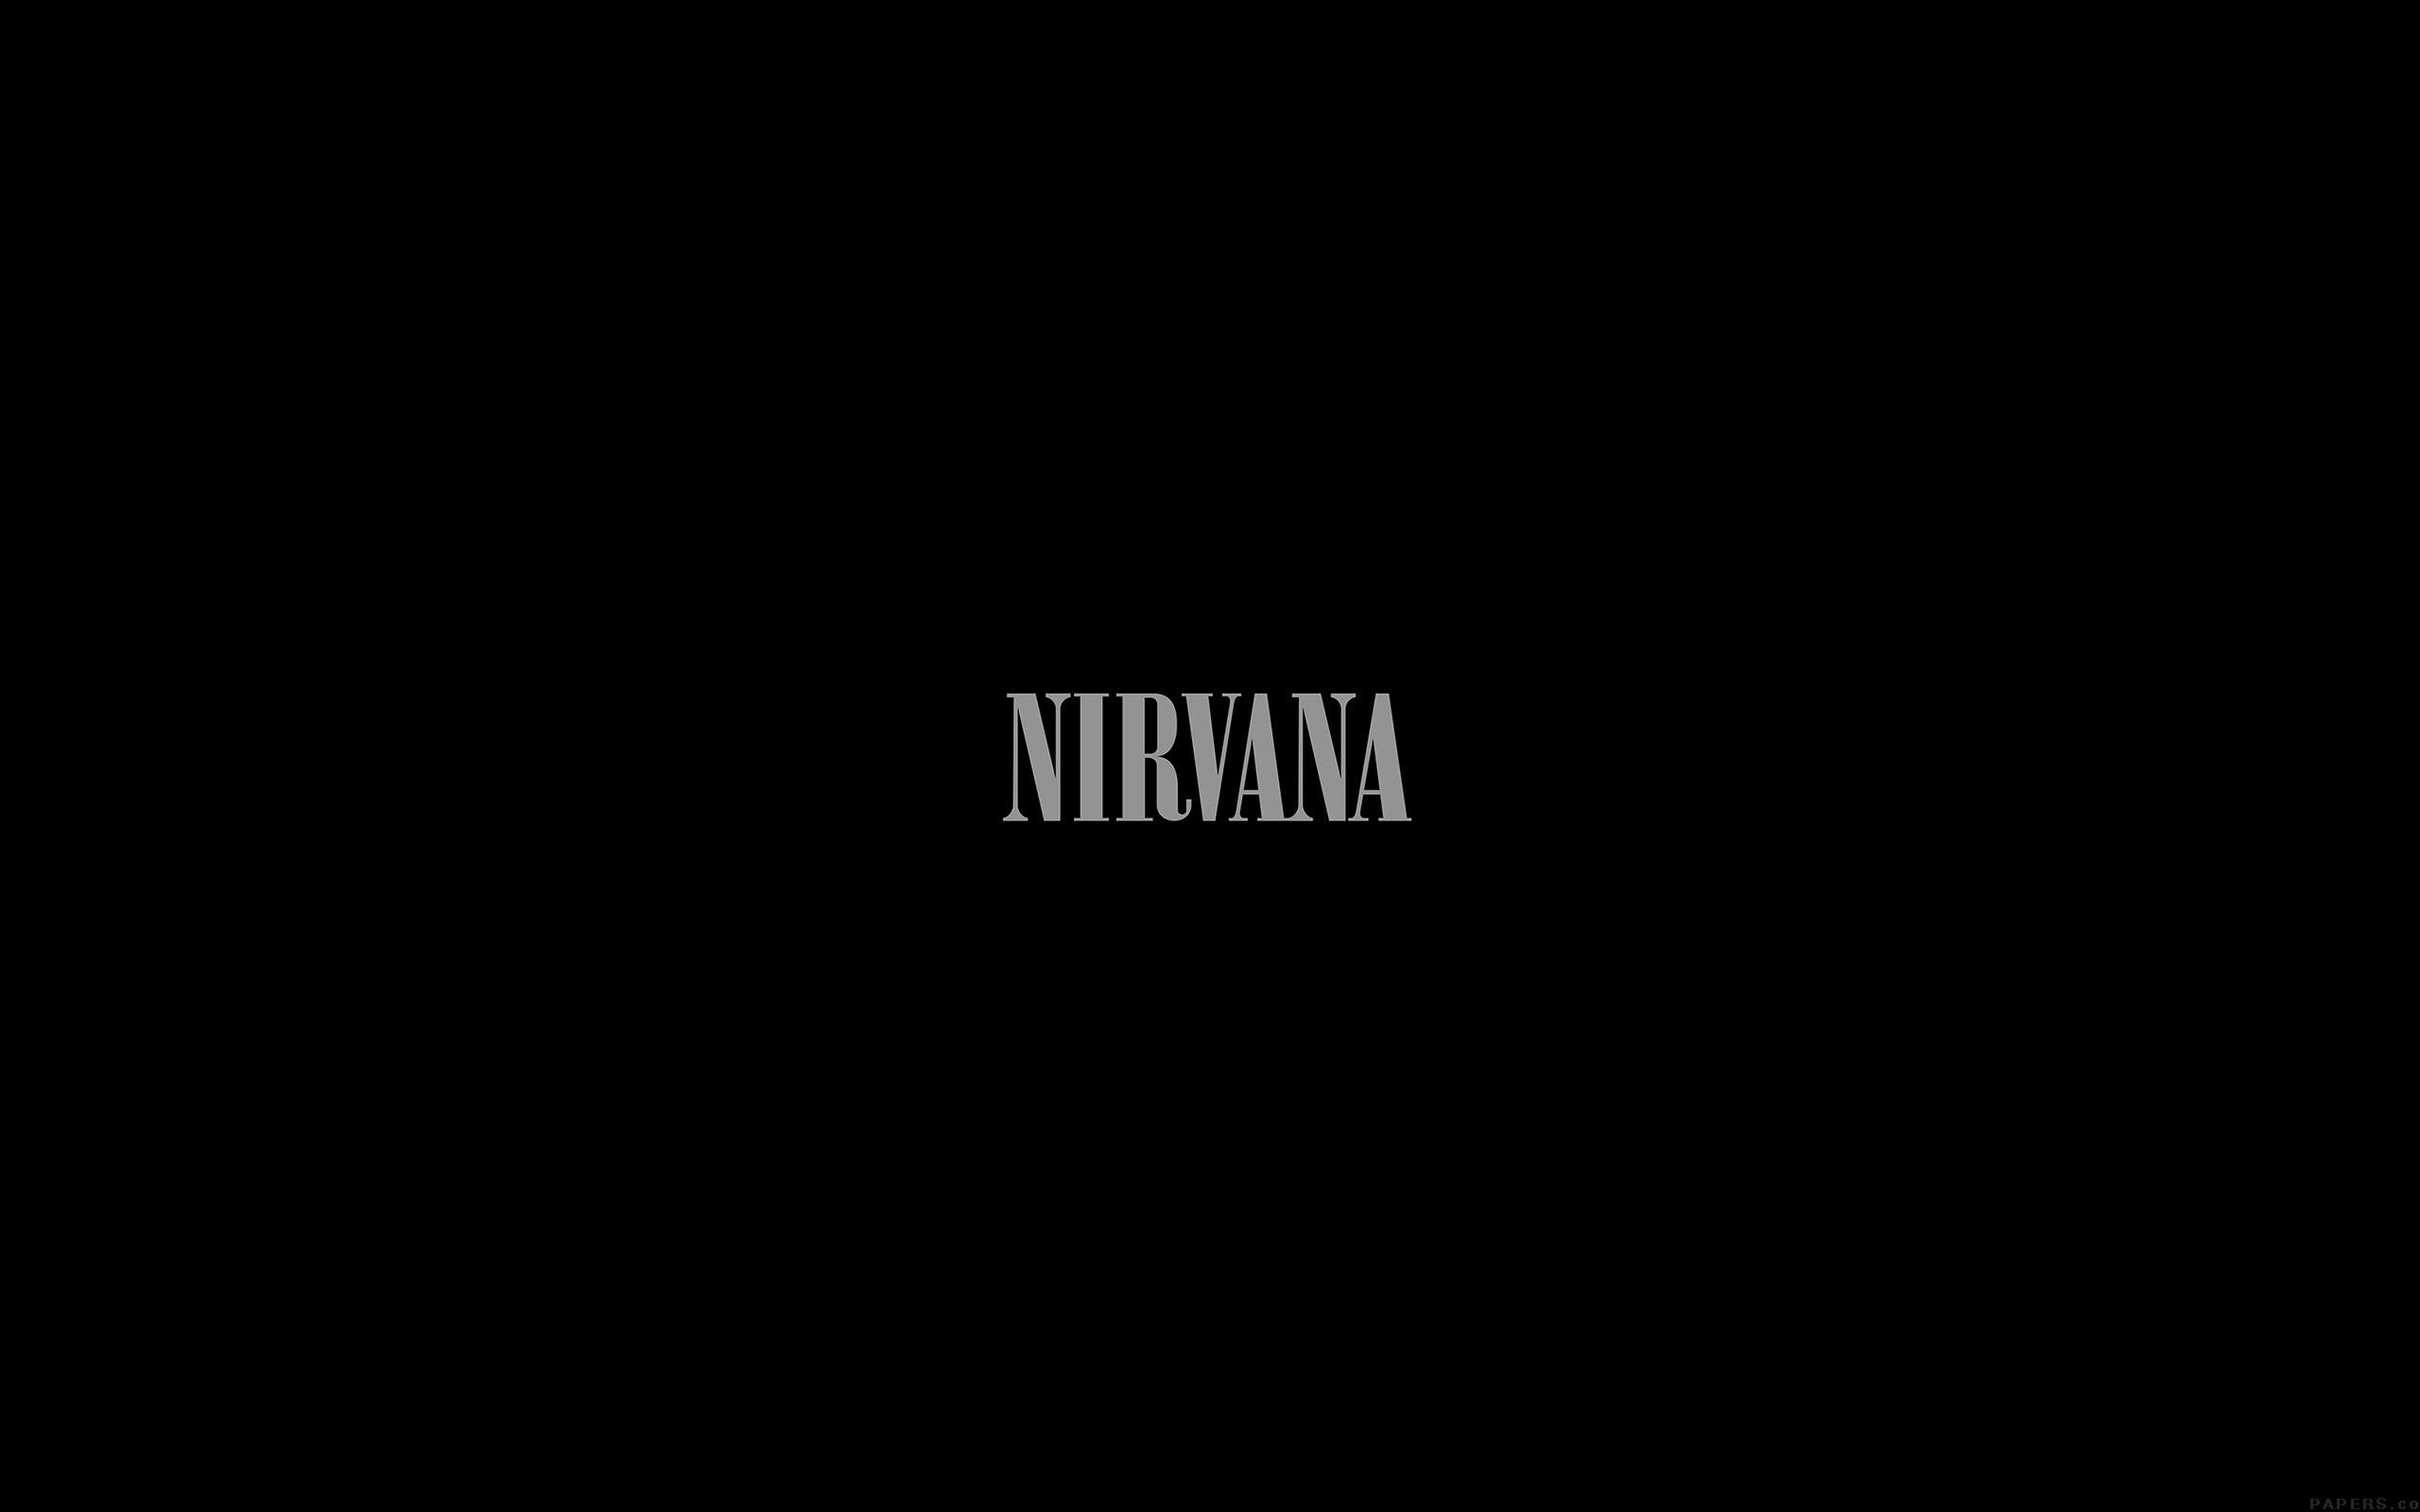 Must see Wallpaper Logo Nirvana - papers  Image_432468.jpg